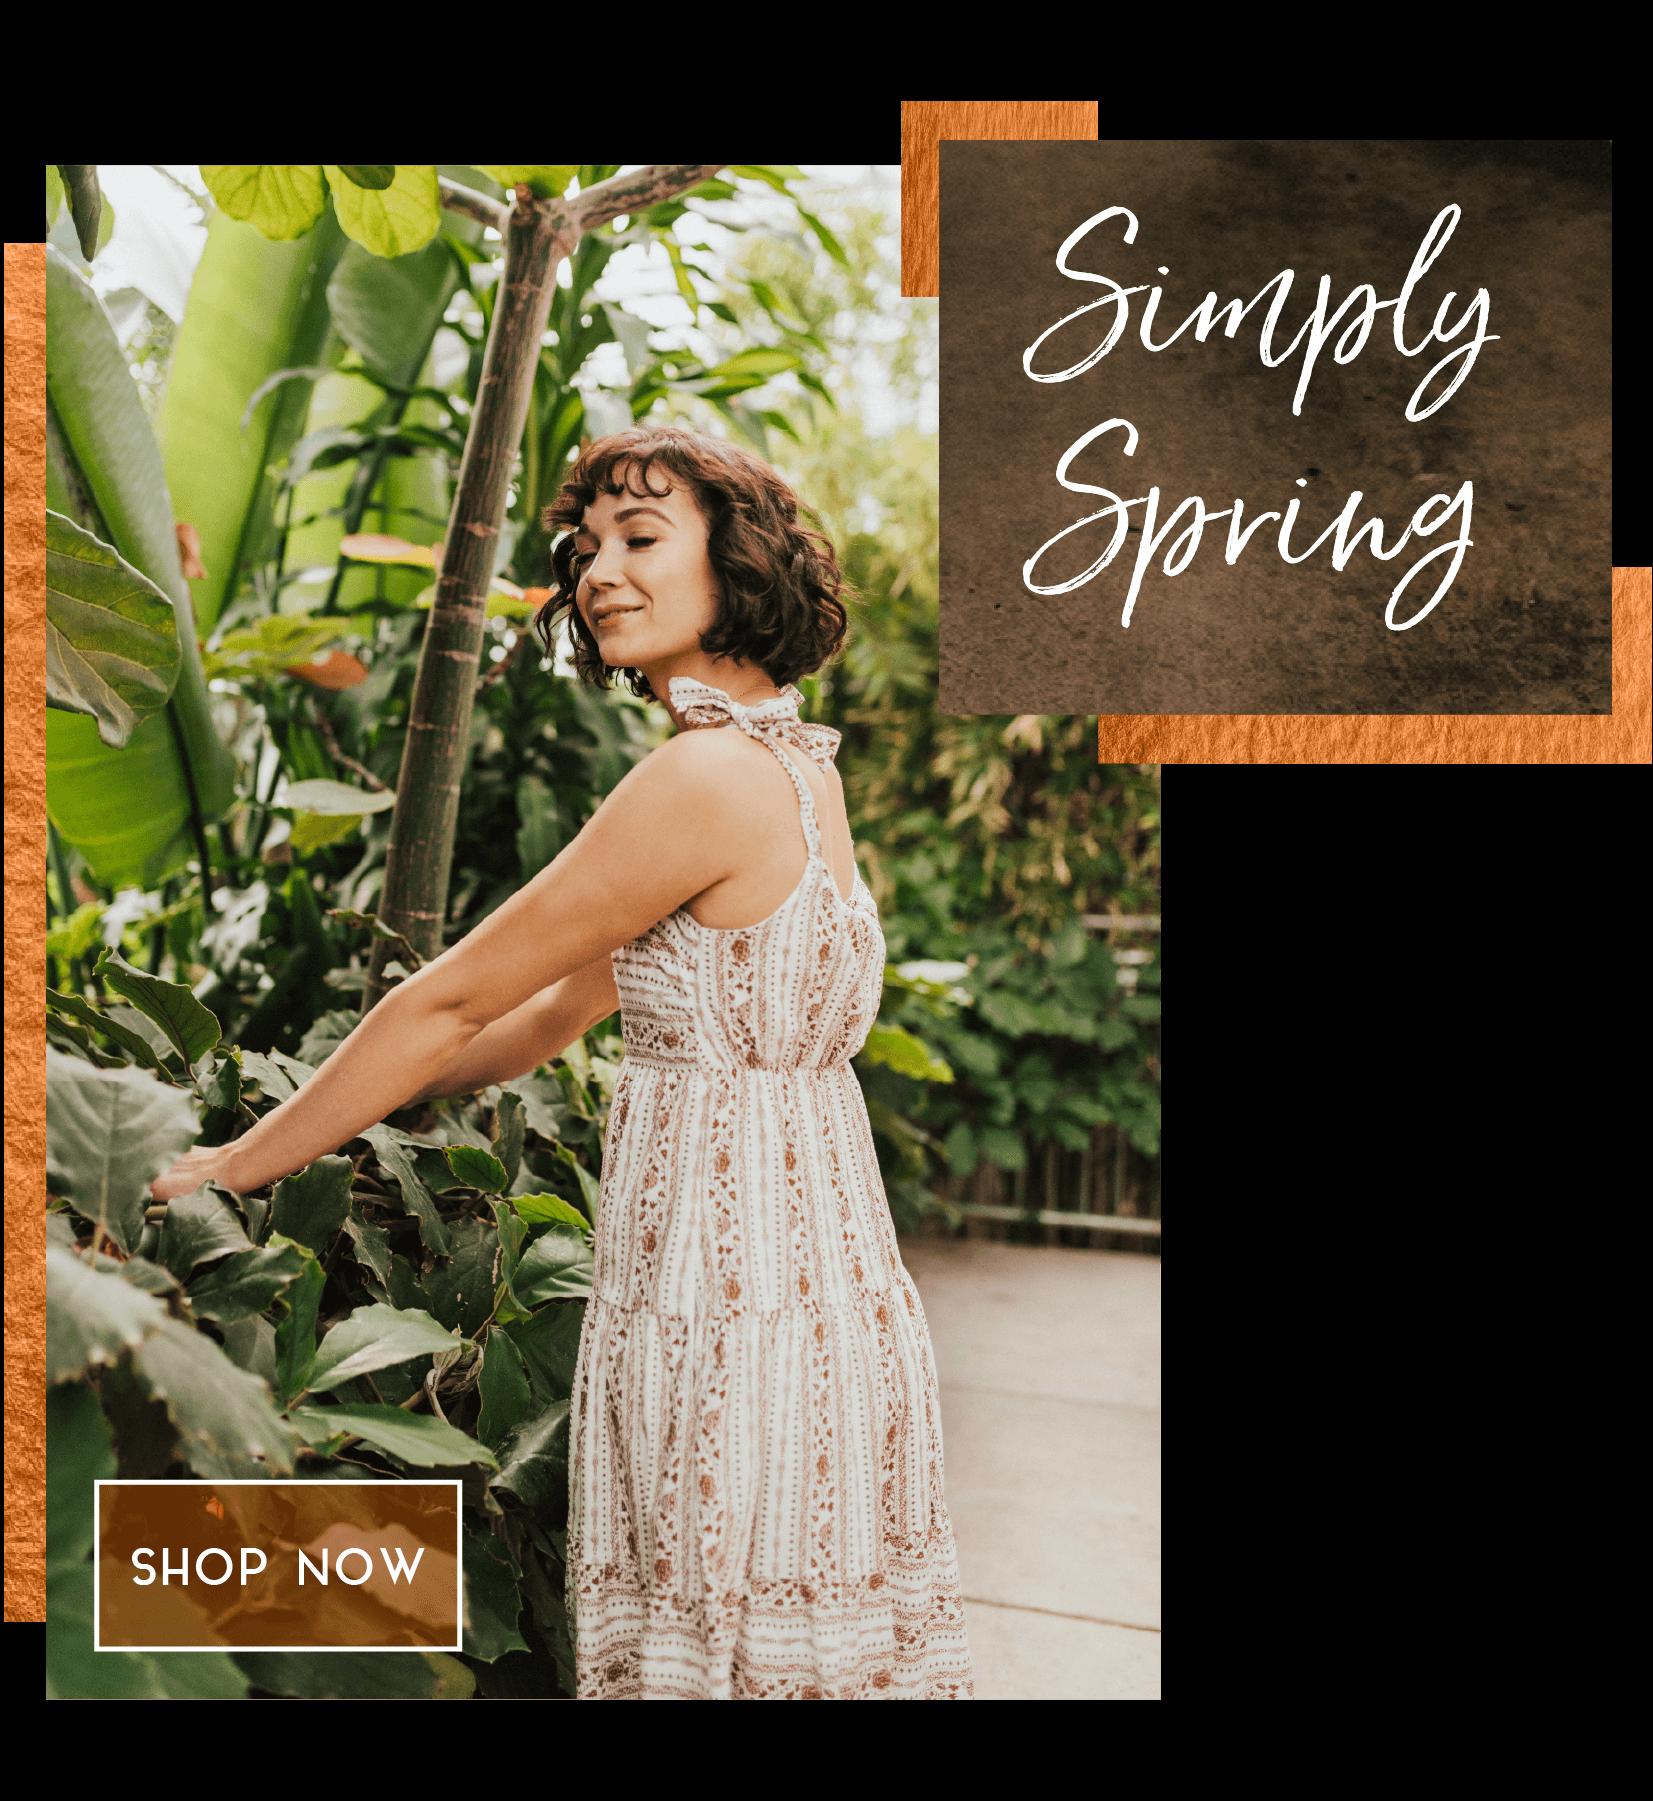 boutique, online boutiques, floral print, spring dresses